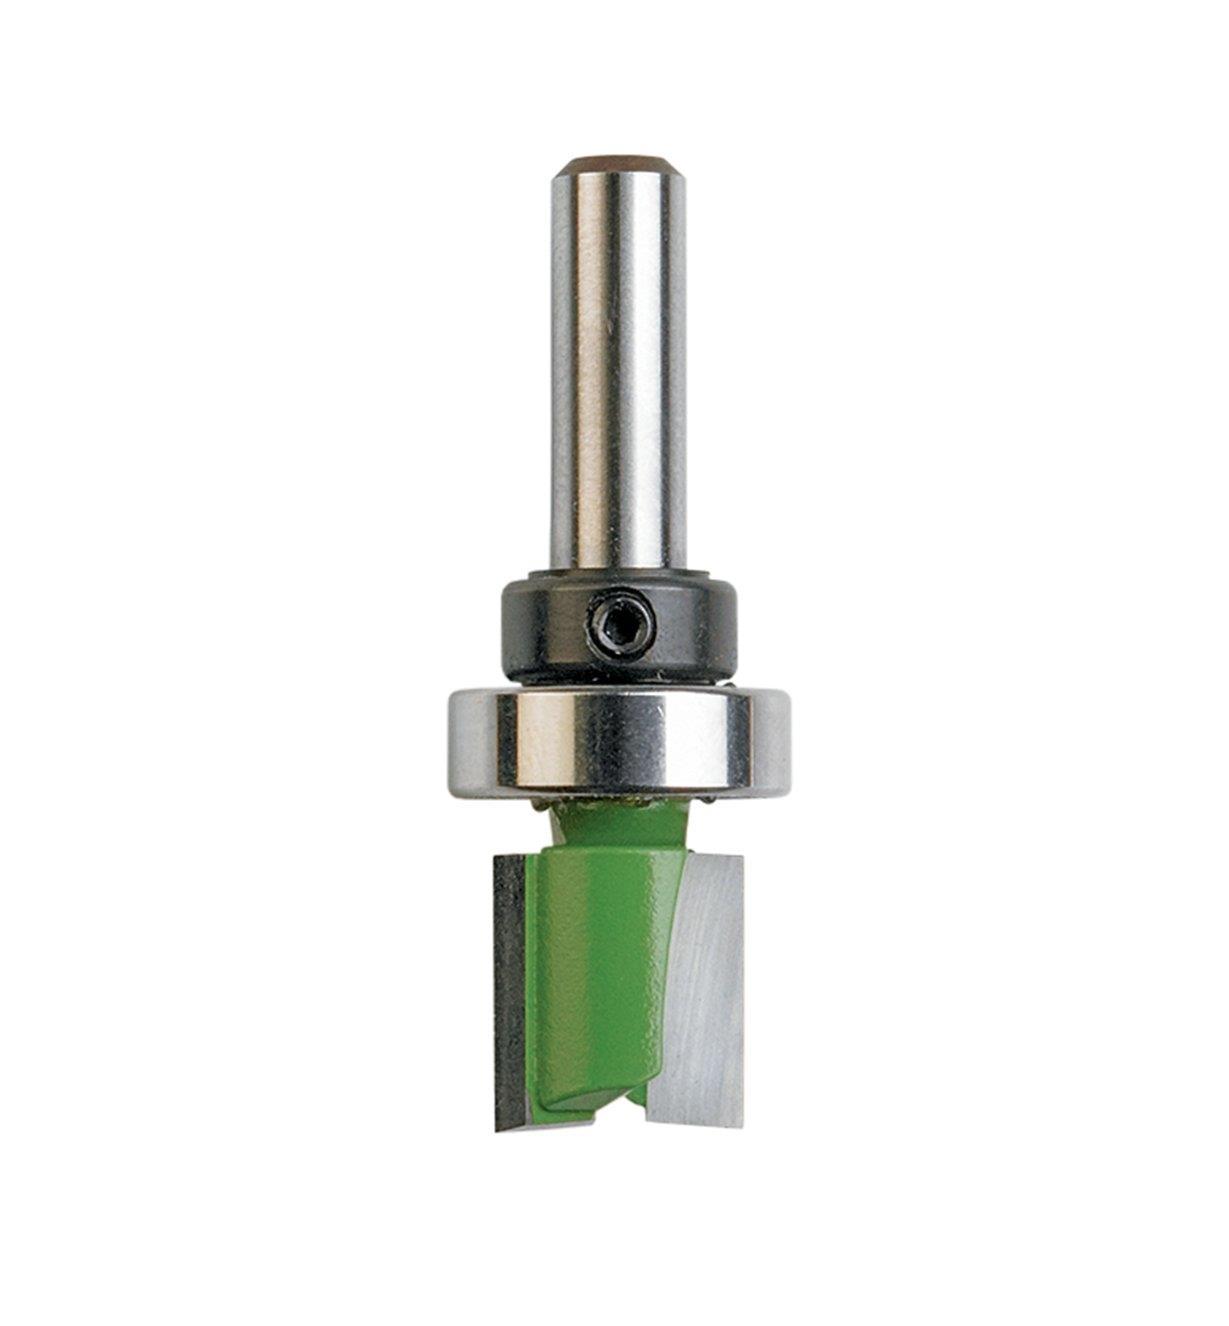 16J0808 - Mèche à mortaiser pour charnière, 1/2pox1/2pox1/4po